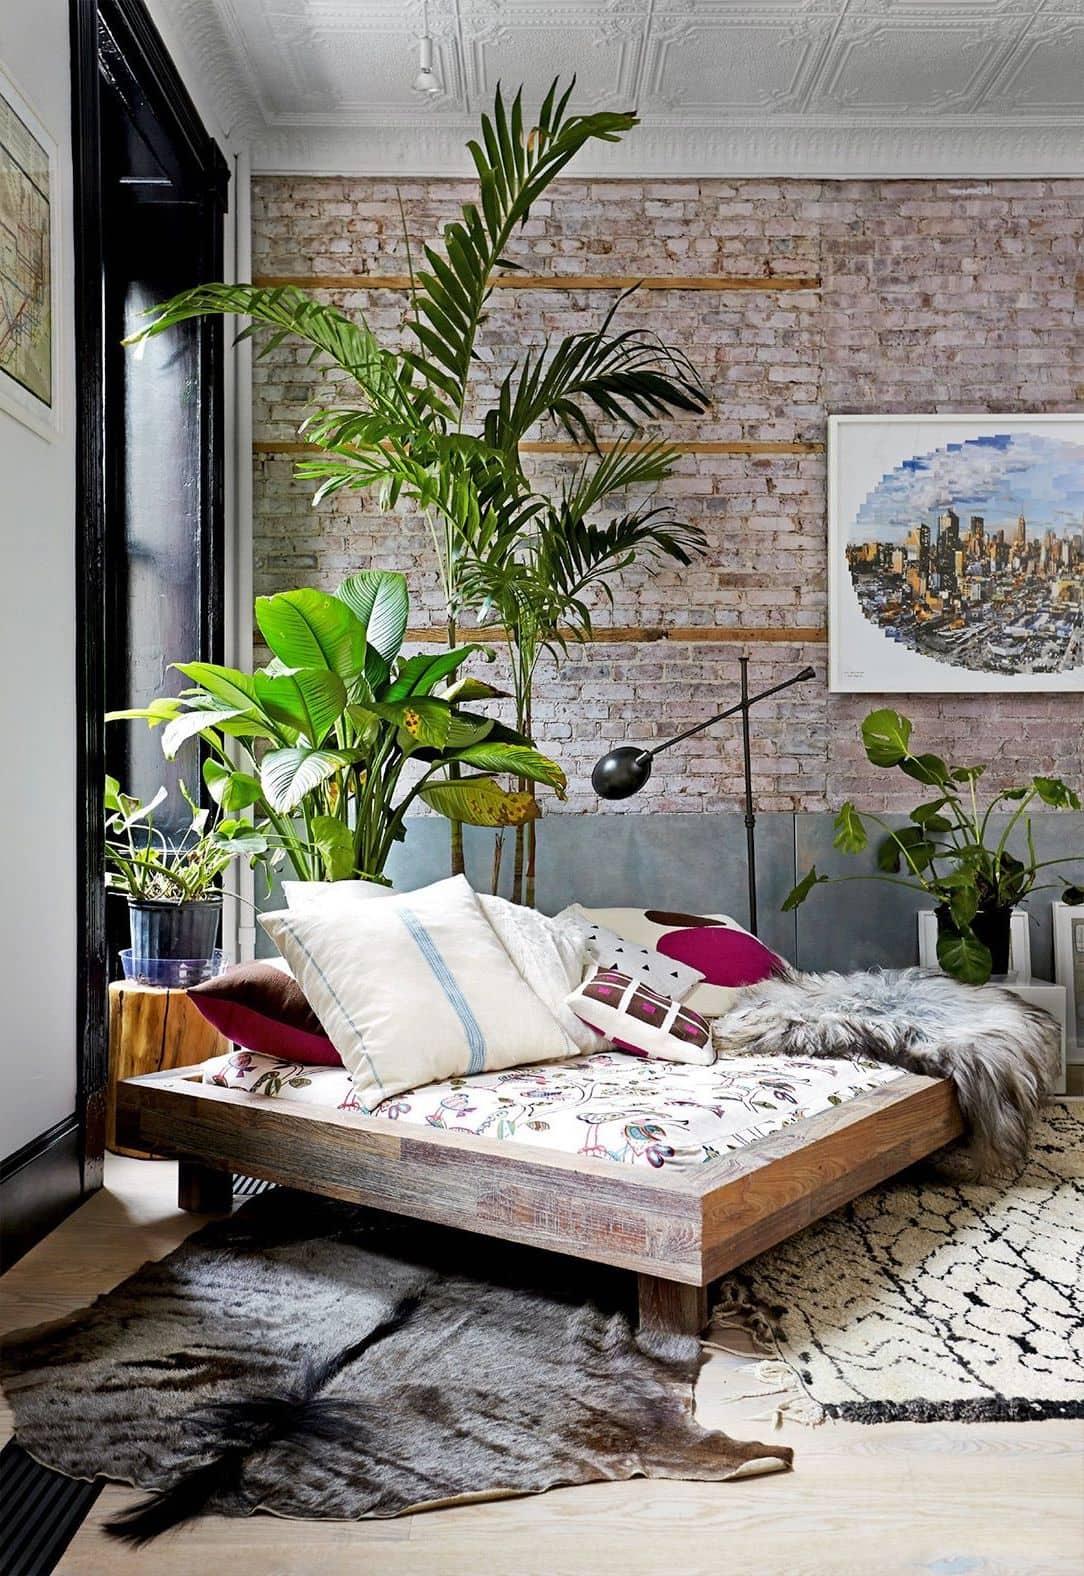 Интерьер в стиле лофт с домашними растениями